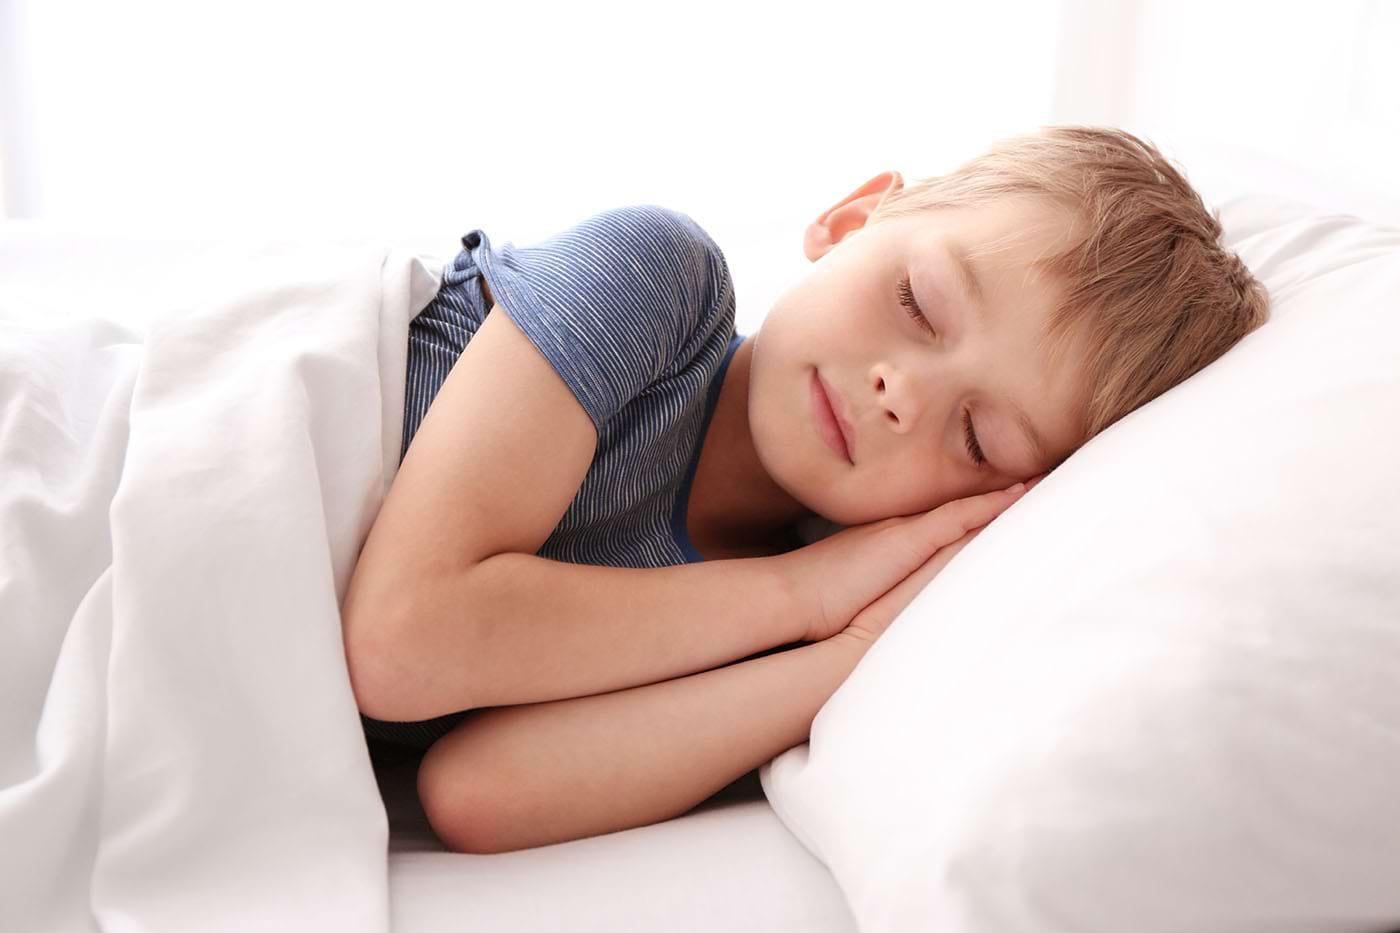 Somnul suficient și exercițiul fizic, esențiale pentru sănătatea copiilor